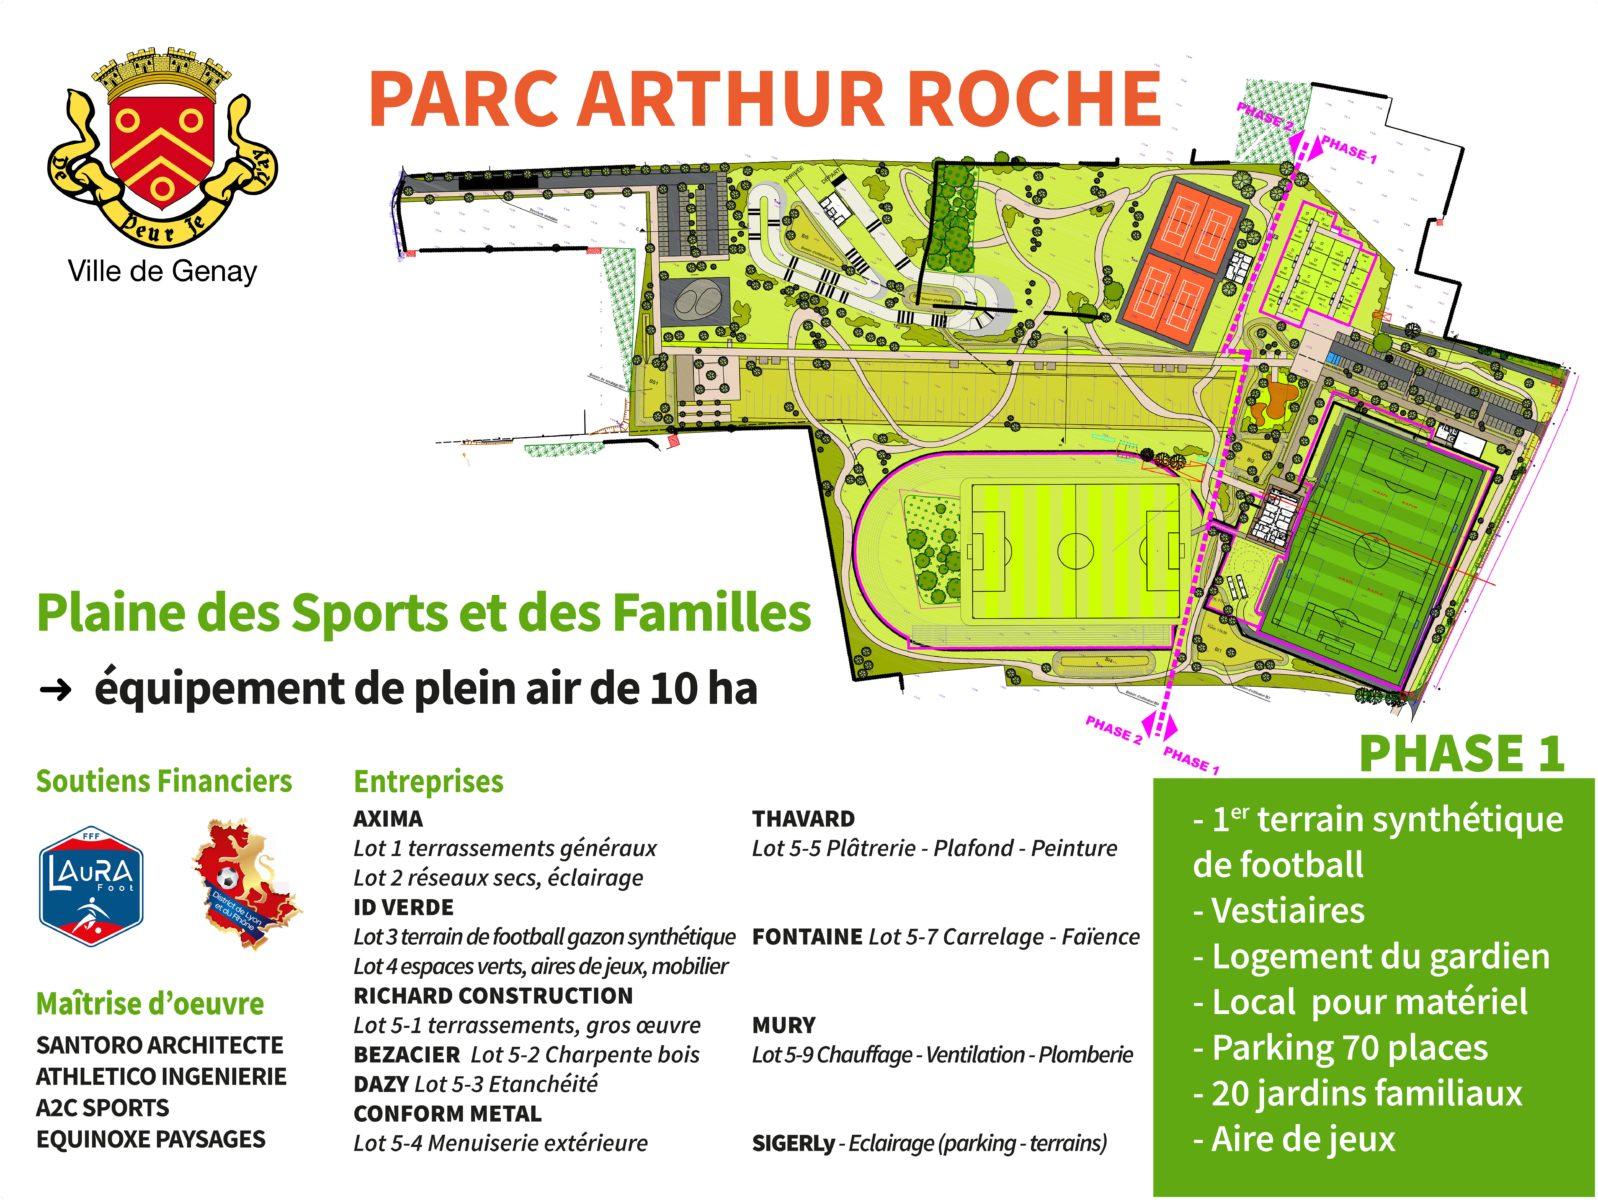 Parc Atrhur Roche